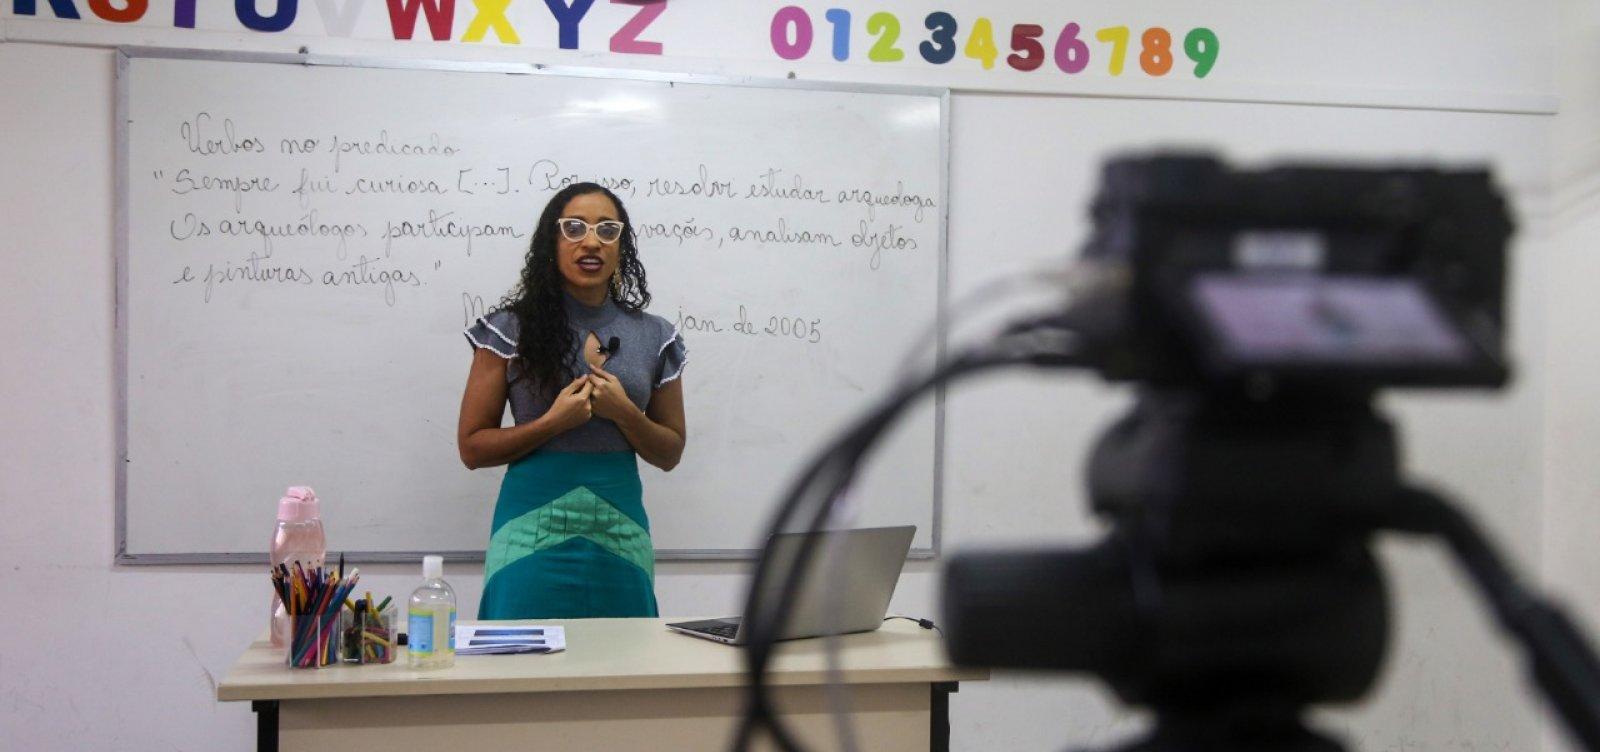 Videoaulas para alunos da rede municipal começam nesta terça